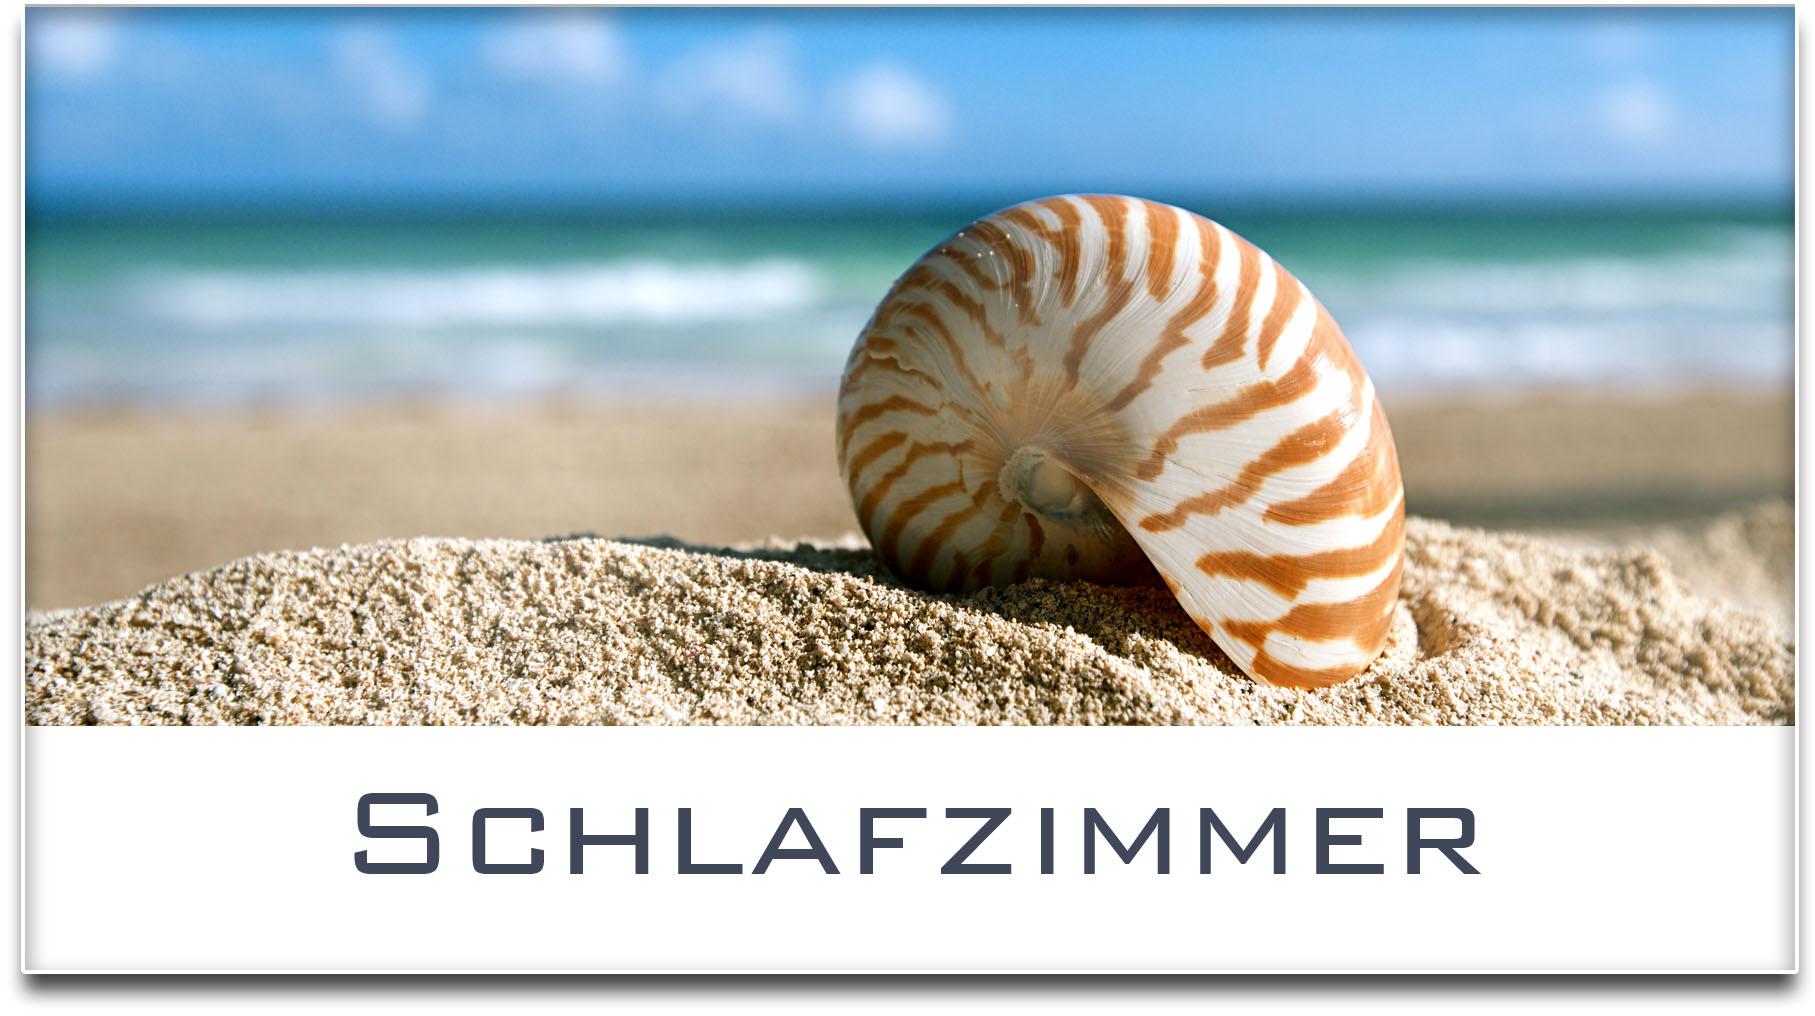 Türschild / Haustürschild / Muschel / Strand / Schlafzimmer / Selbstklebend